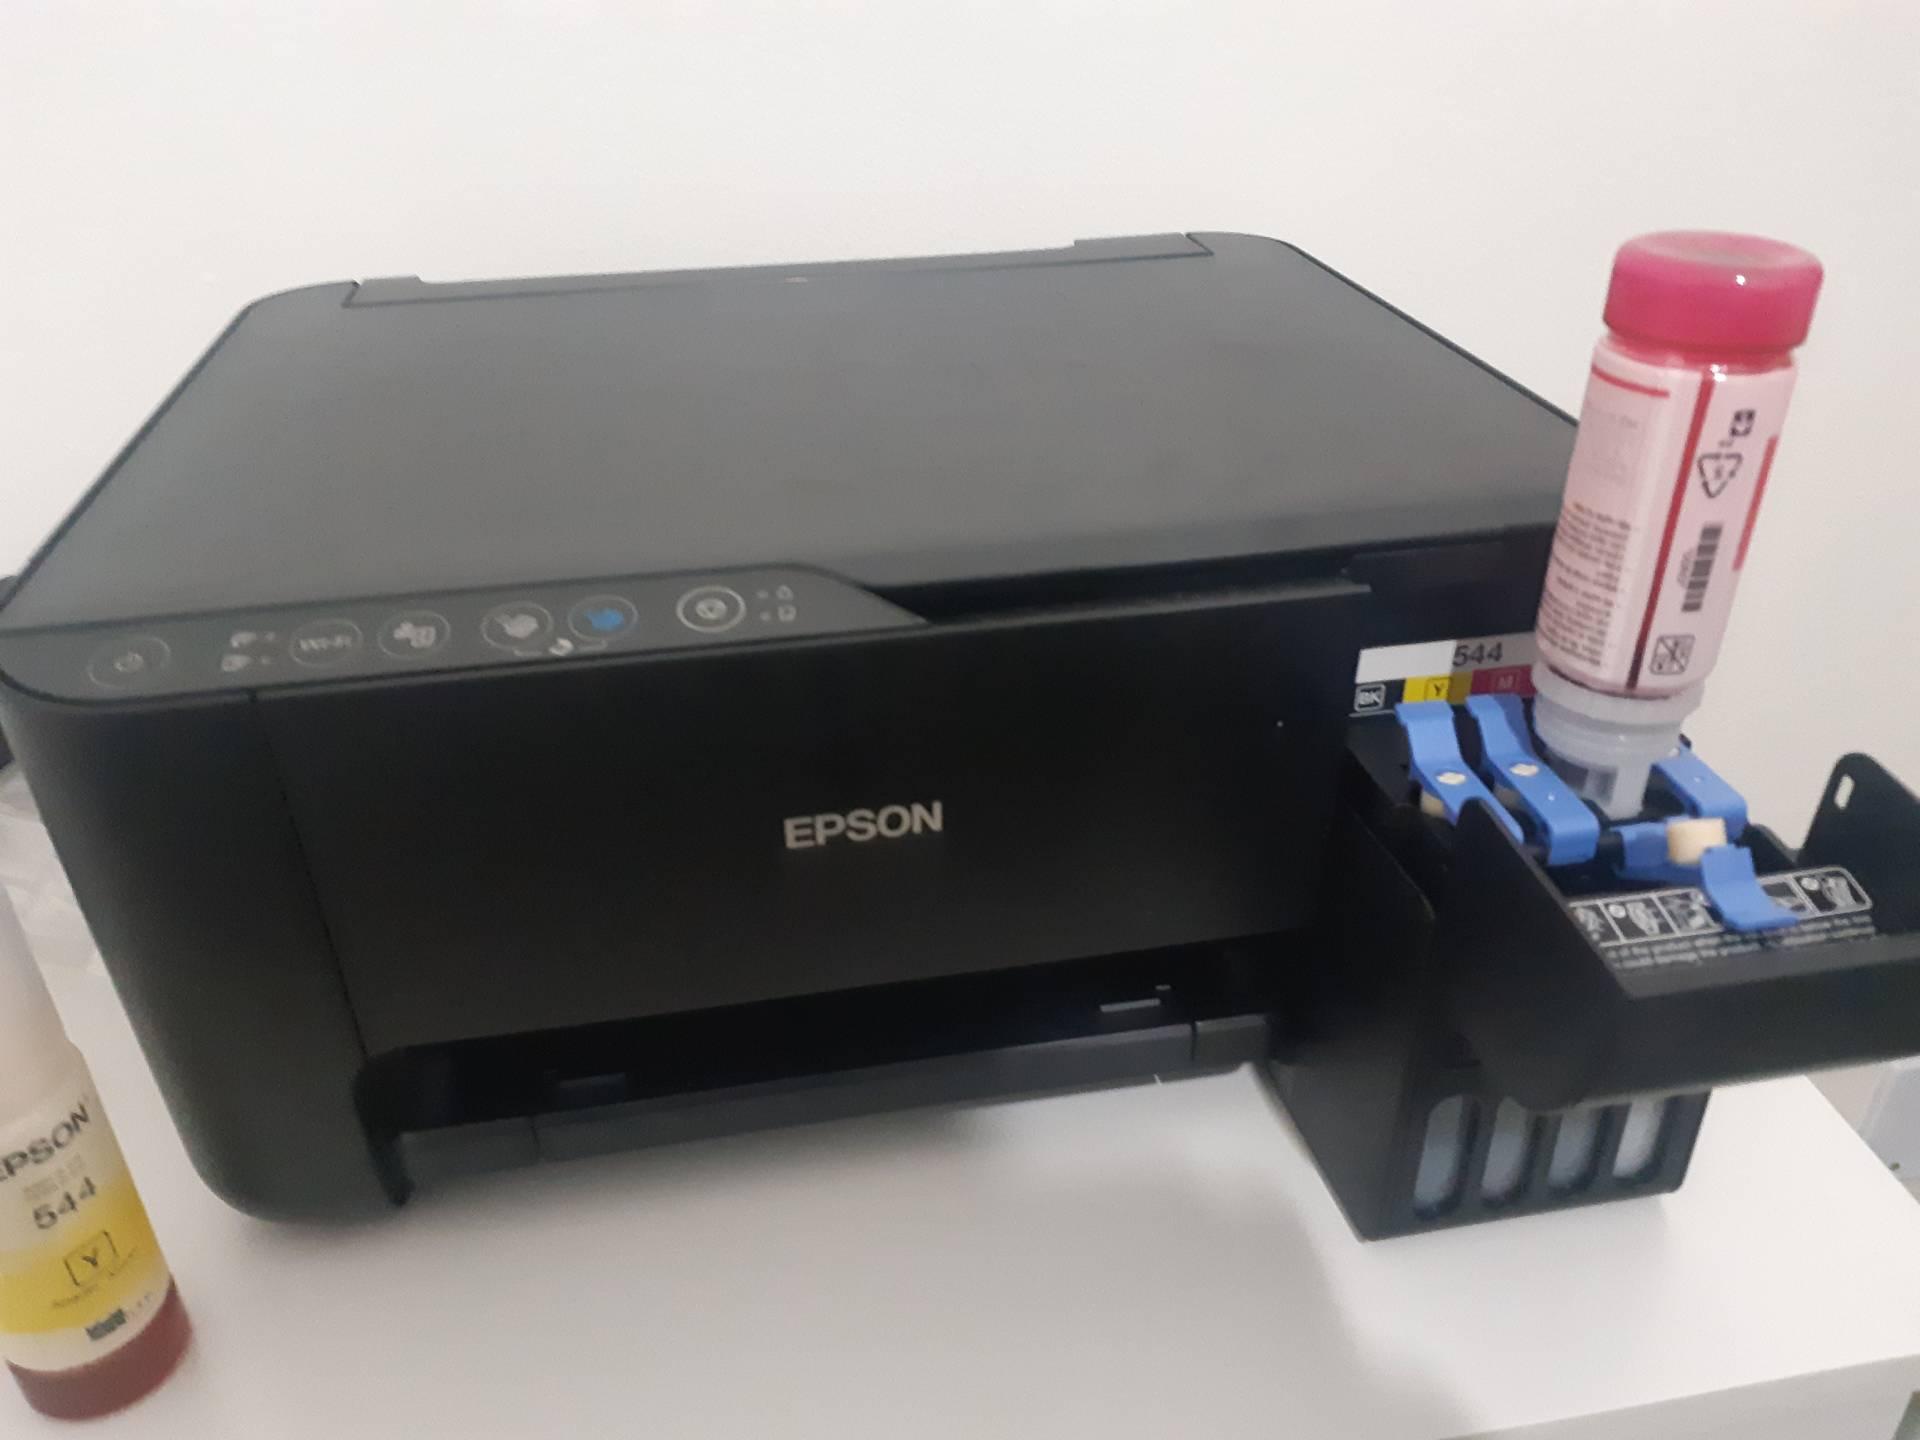 Instalar a impressora leva poucos minutos, assim como sua recarga